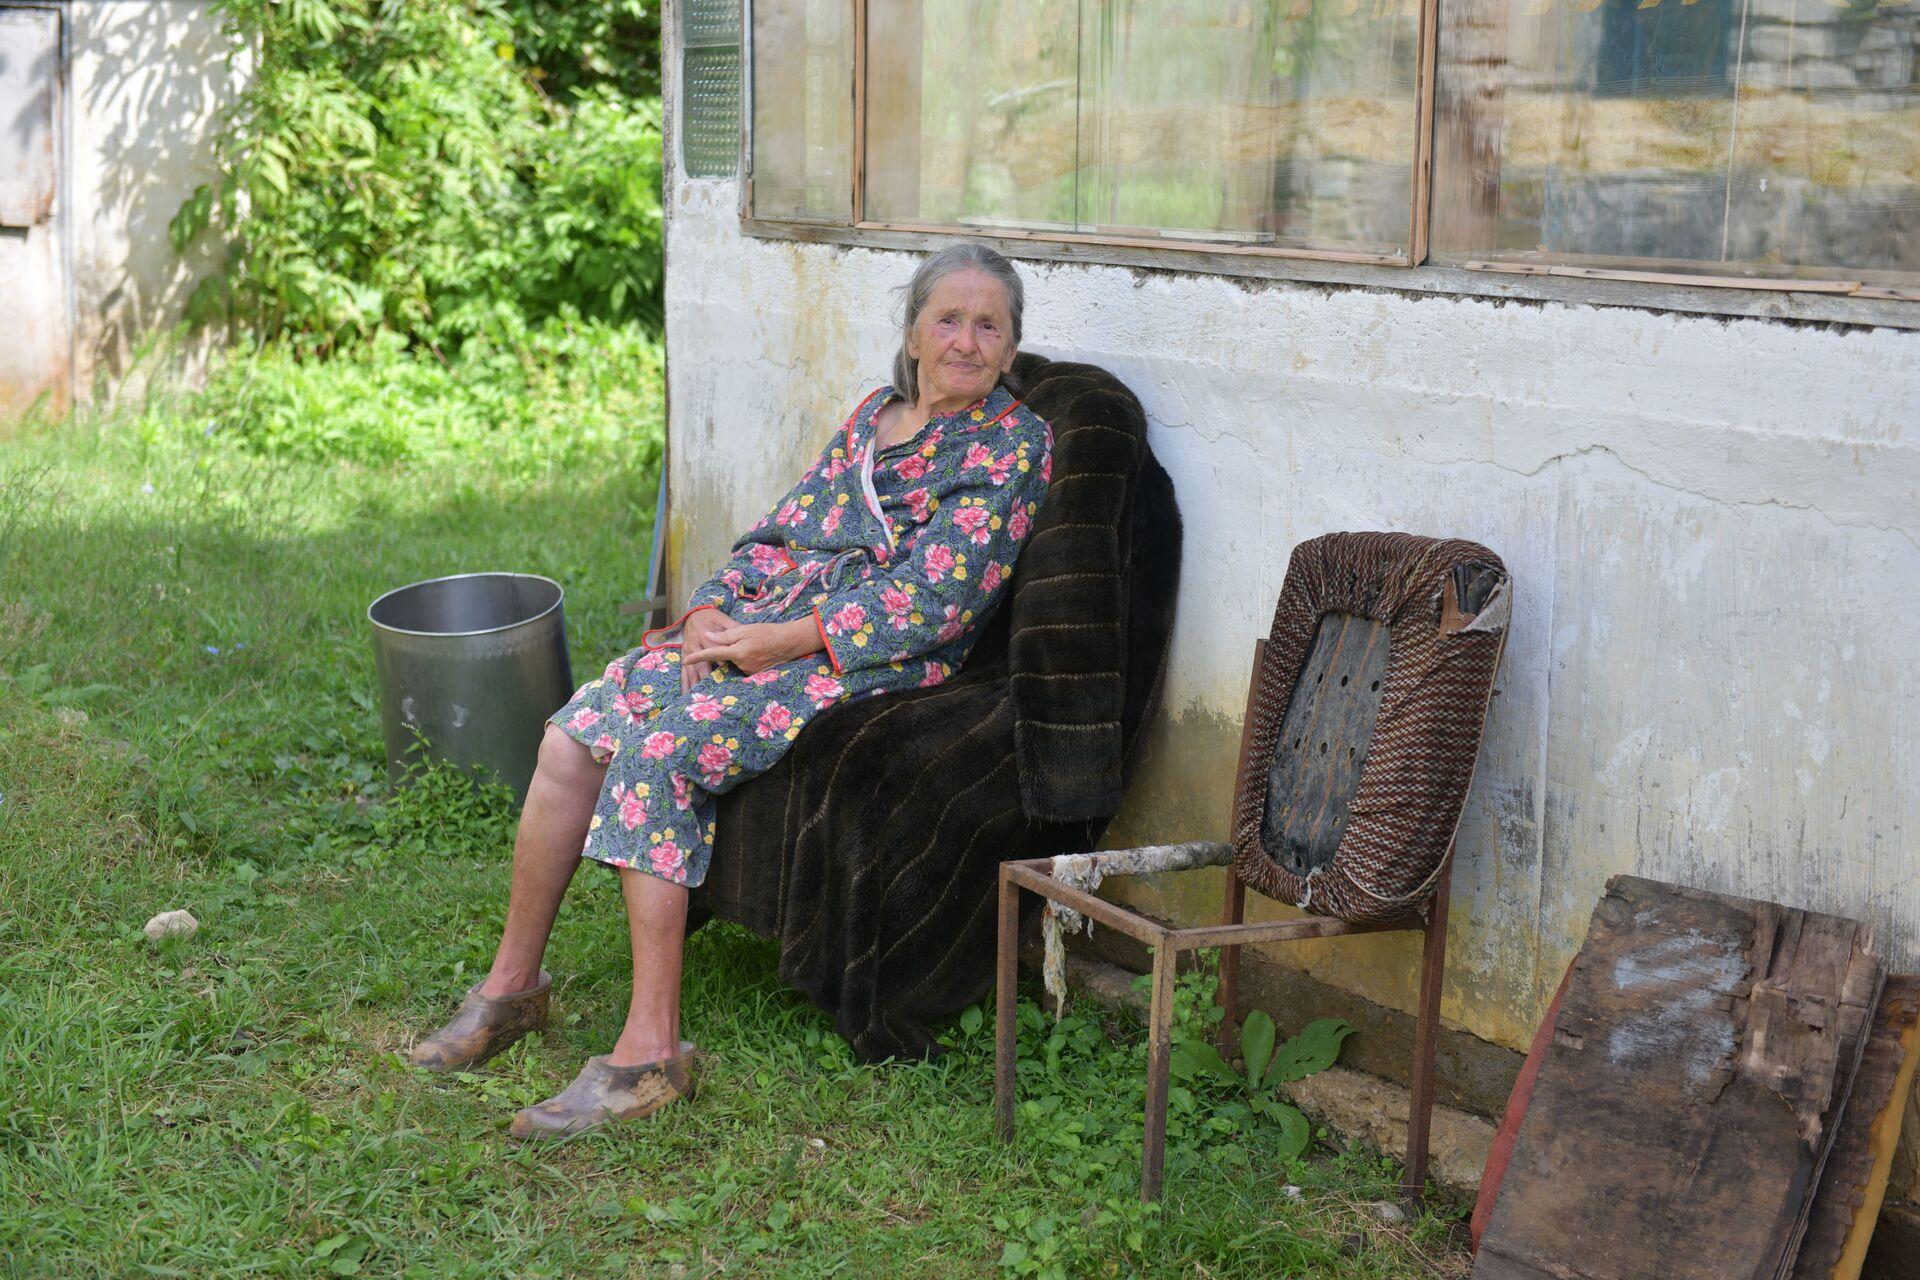 Затопленный дом немца в селе Лыхны Гельмута Пробста - Sputnik Абхазия, 1920, 12.10.2021